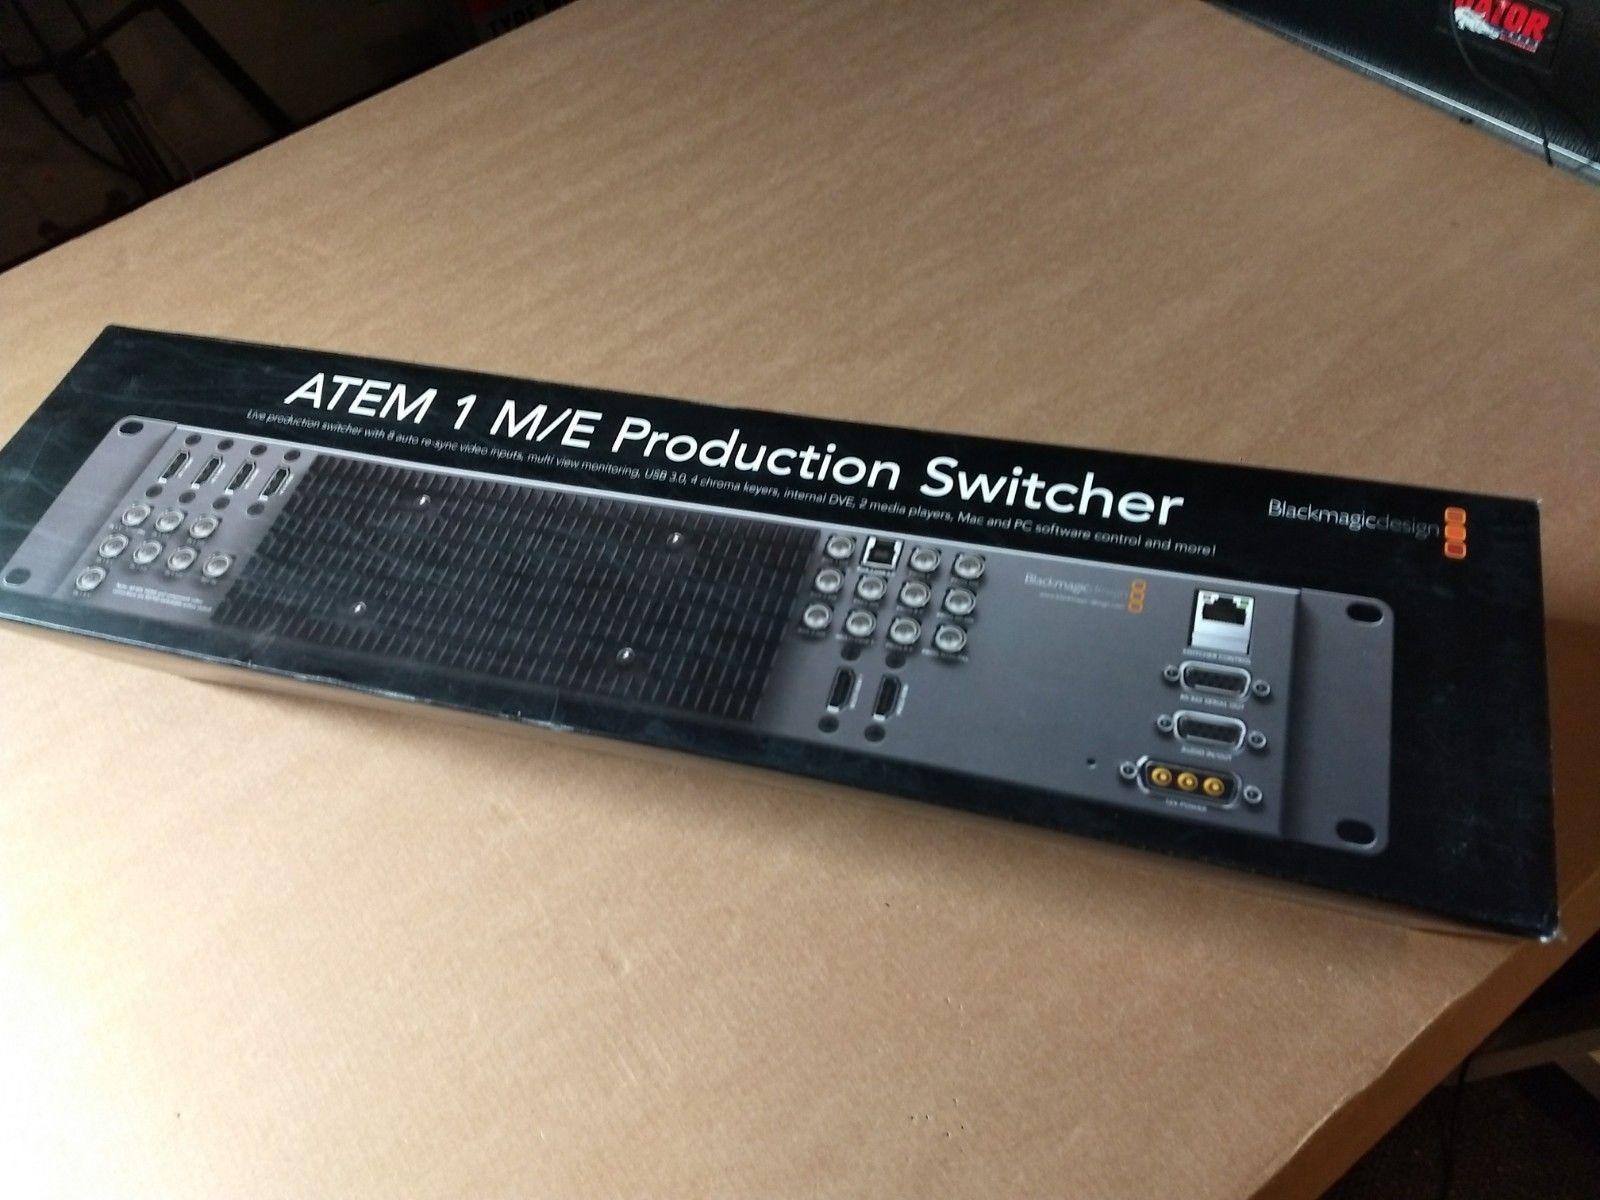 Blackmagic Design Atem 1 M E Production Switcher Blackmagic Design Category Design